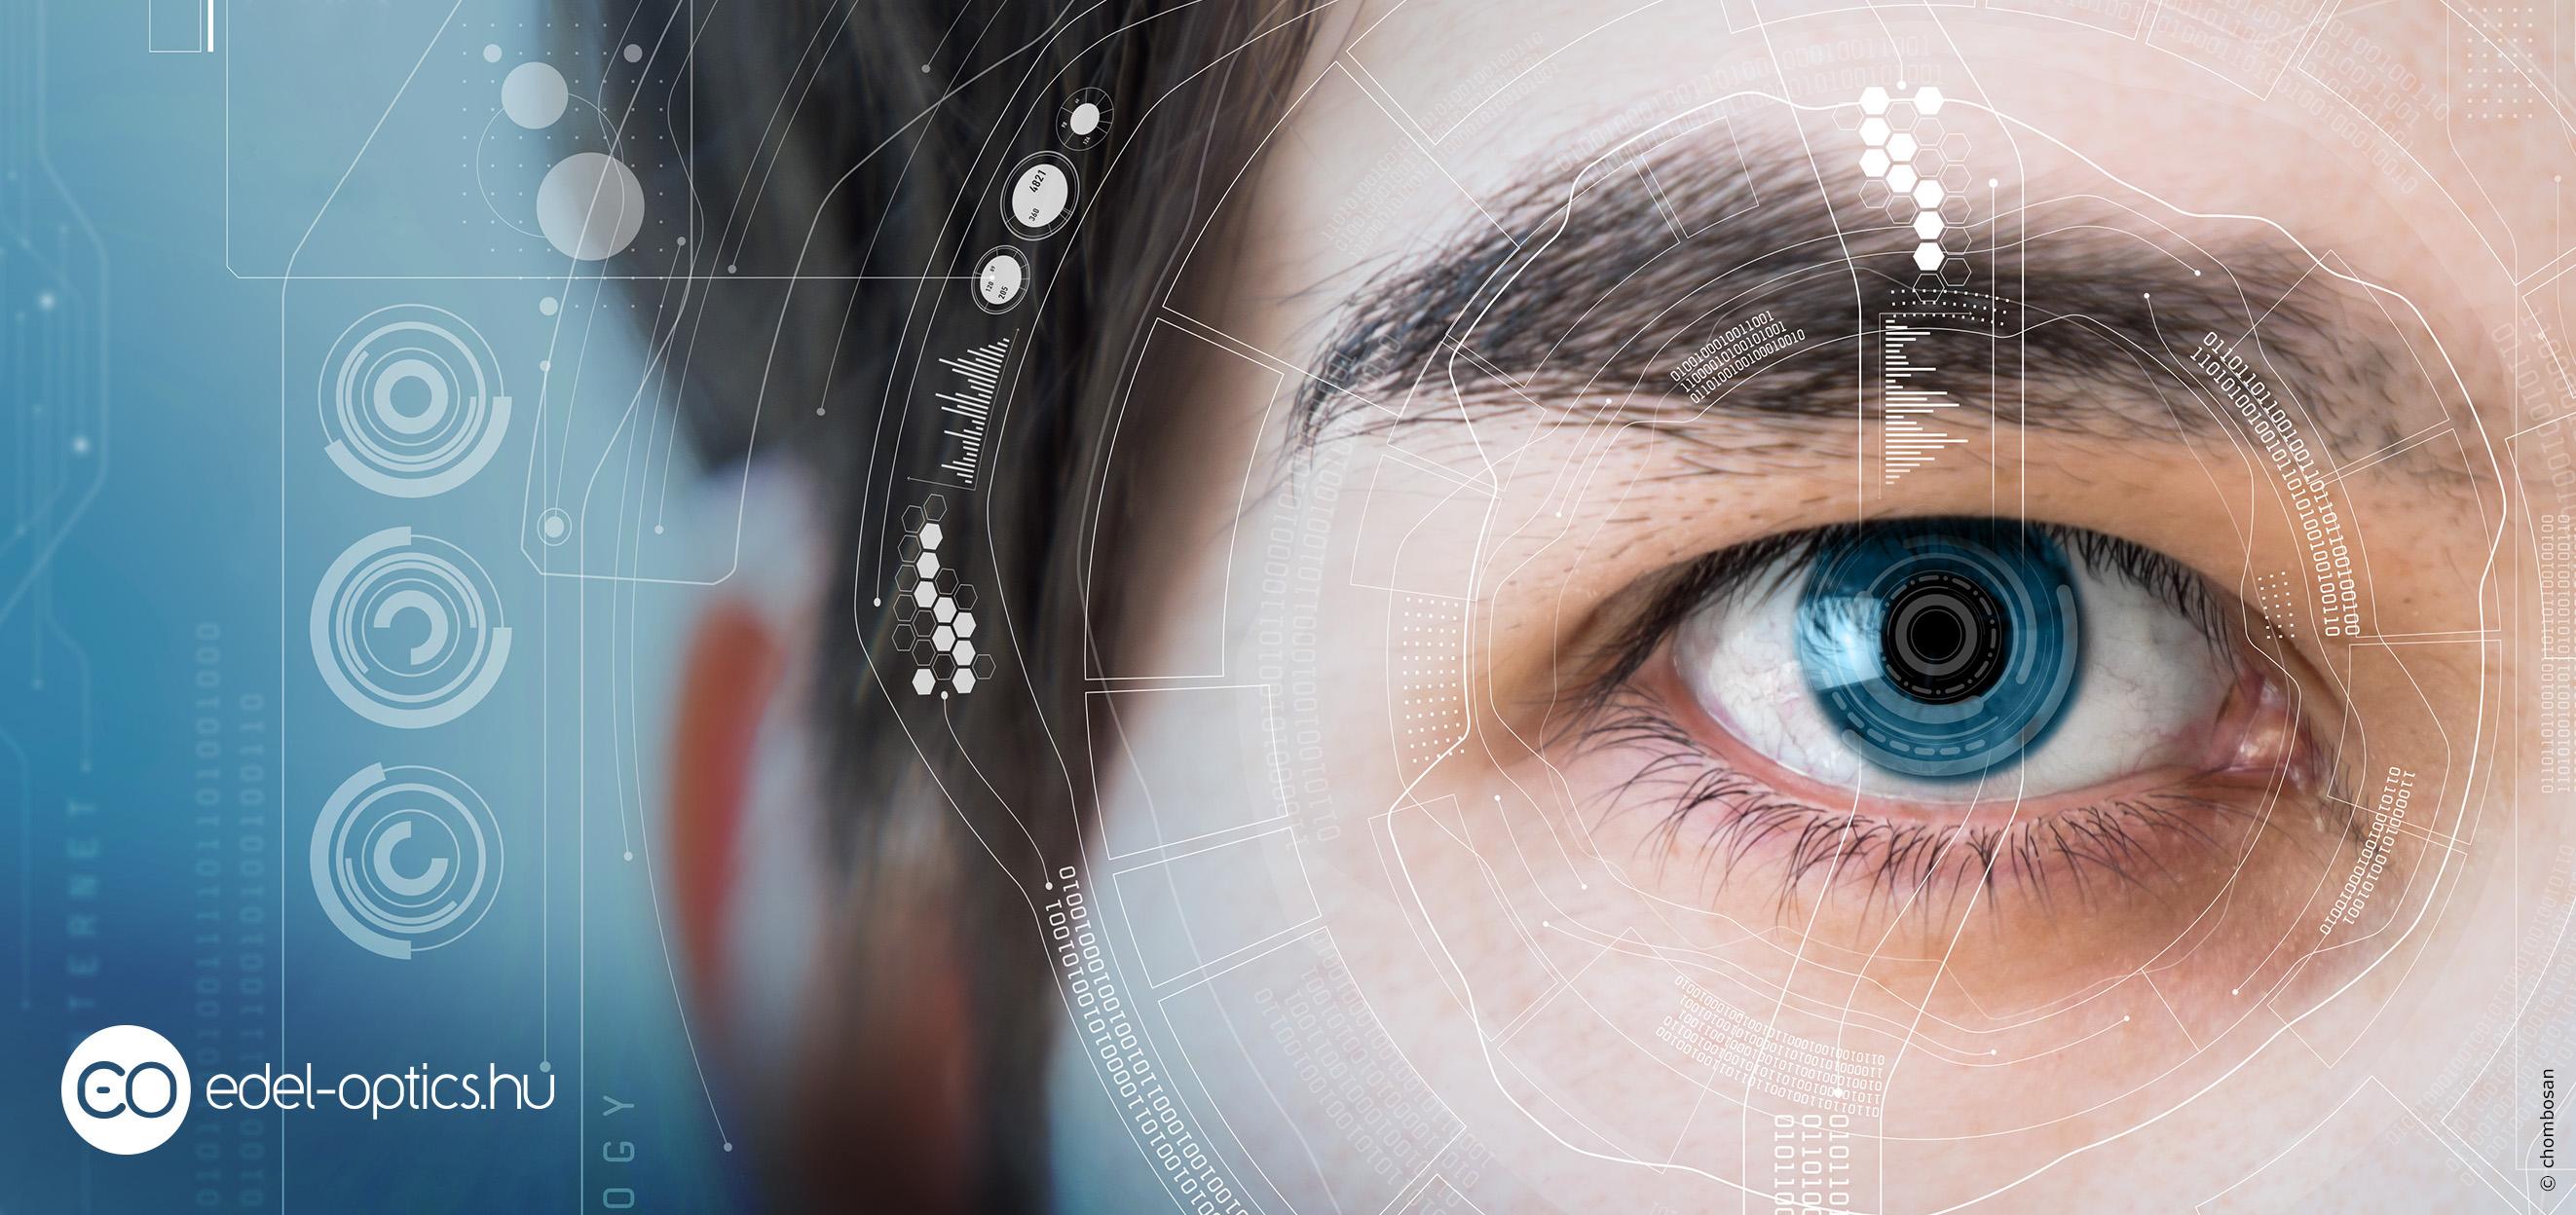 látás 1000 felett kölcsön a látás kezelésére